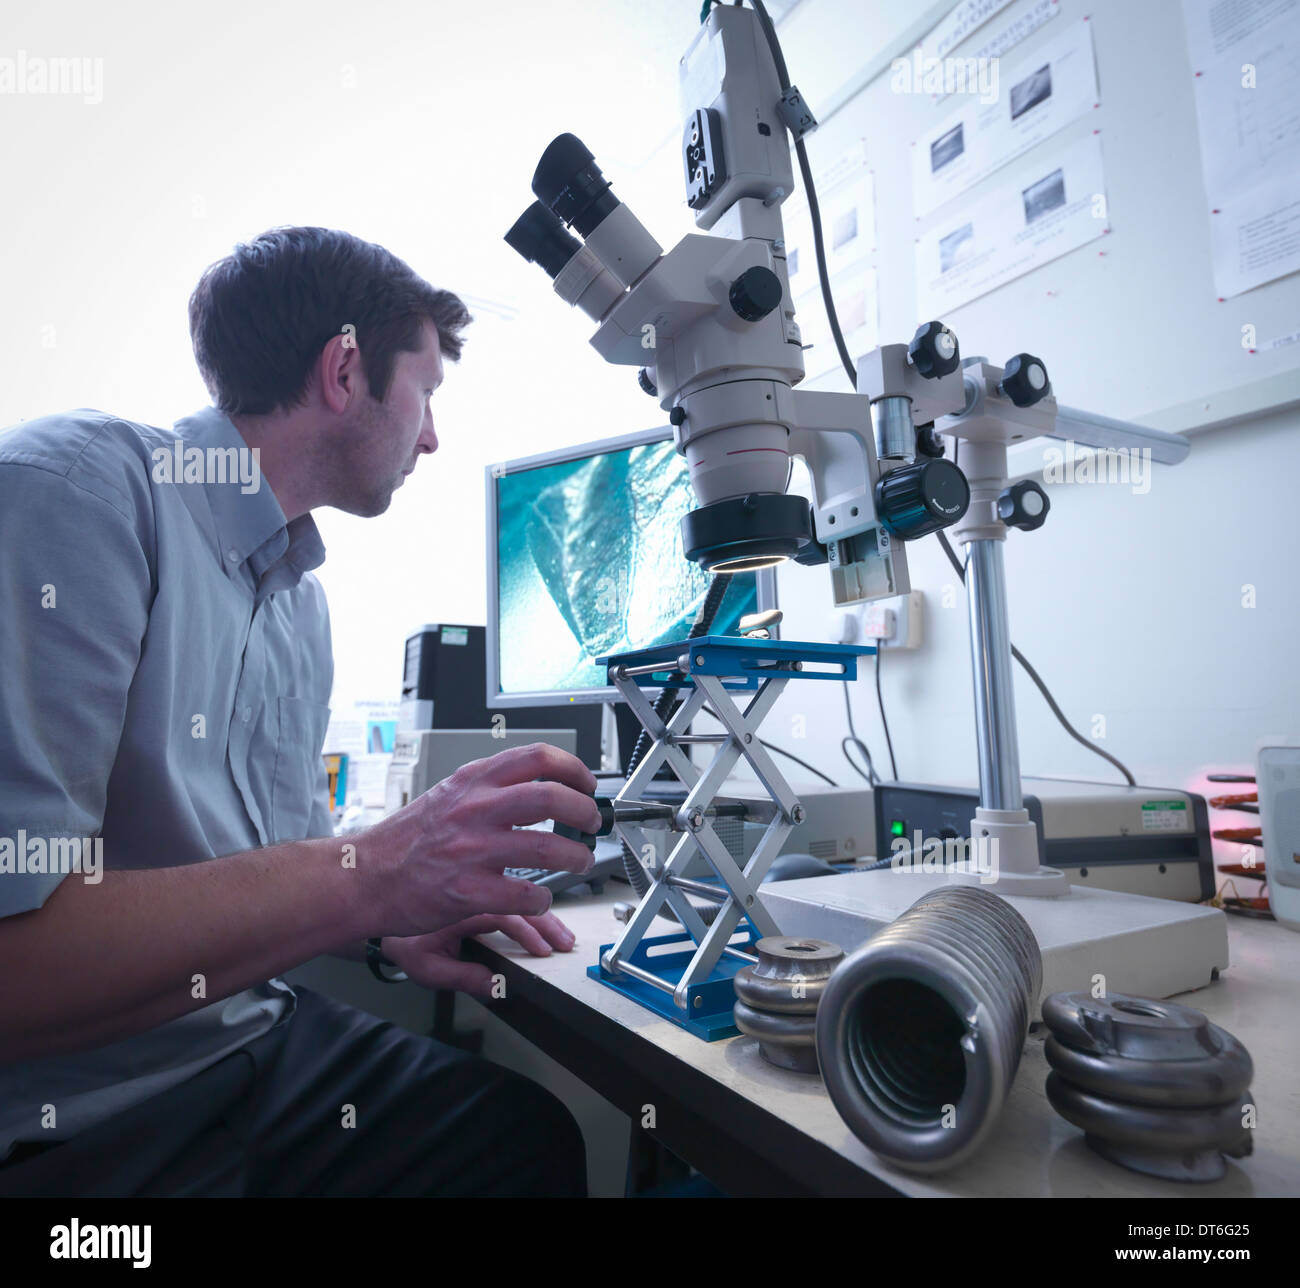 Wissenschaftler mit Mikroskop, um Schäden zu überprüfen, bis zum Frühjahr Stockbild